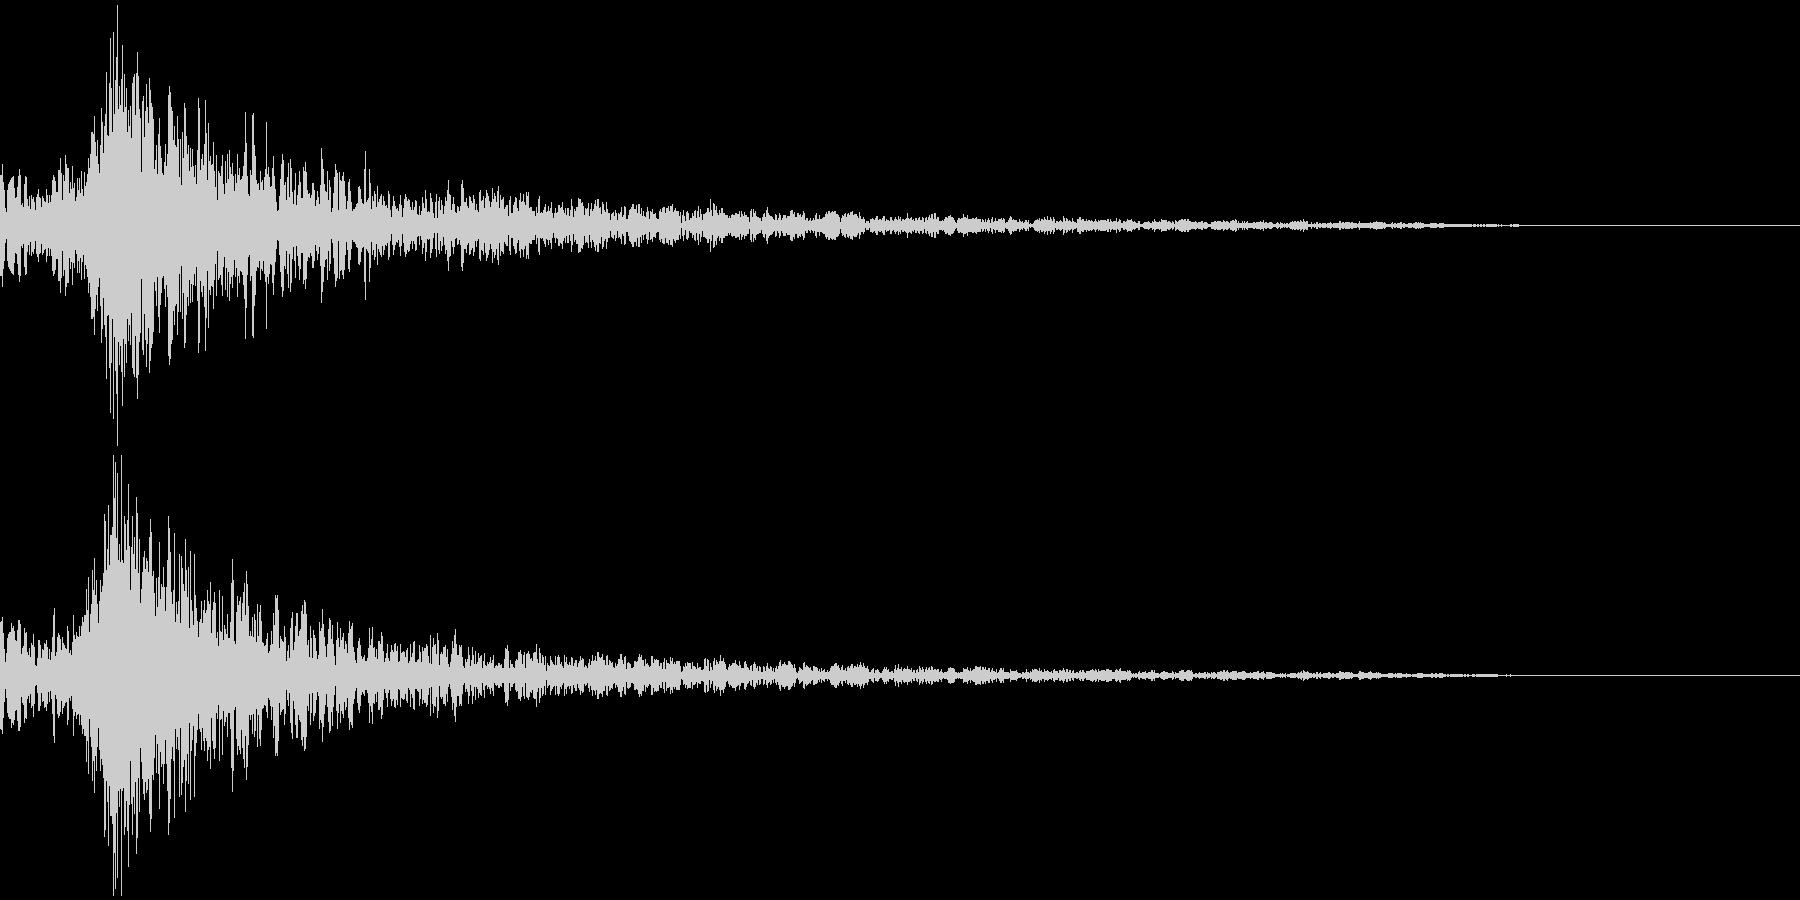 打撃音・爆発音・ヒット5-ヒュードーンッの未再生の波形